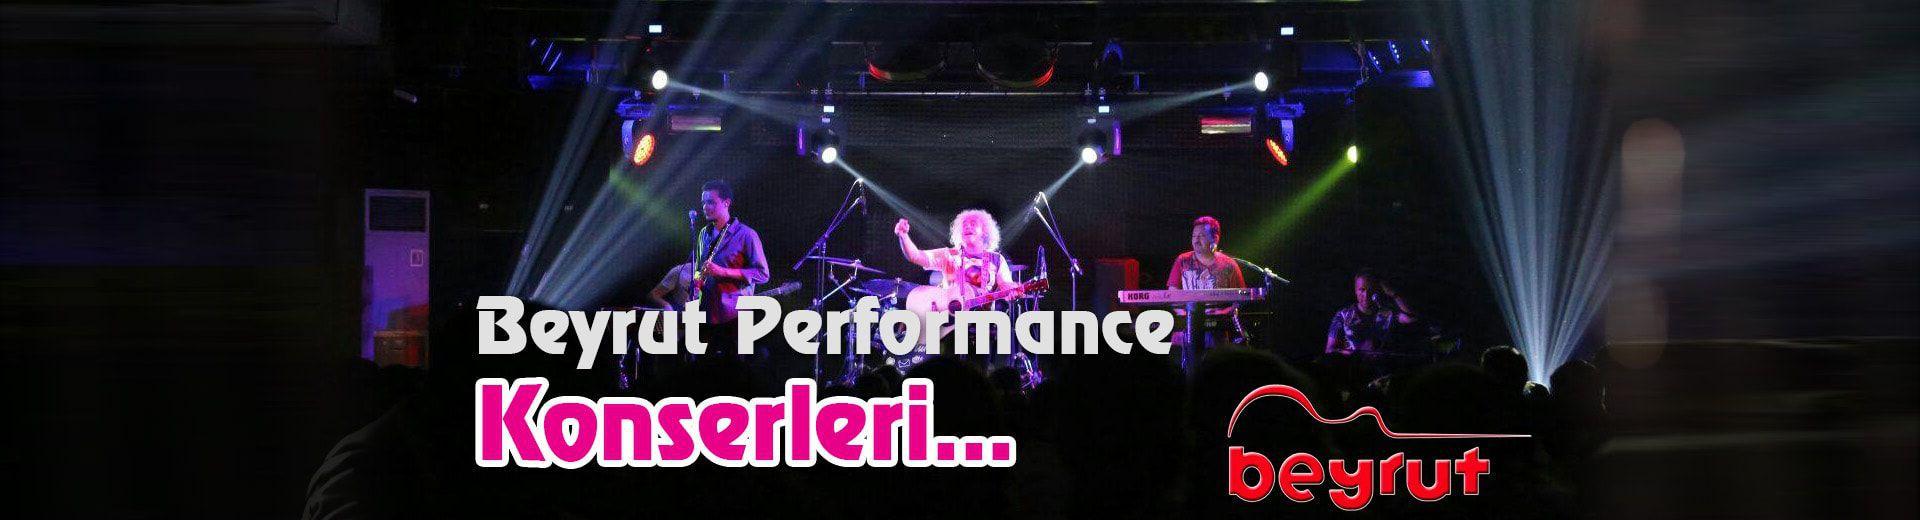 Beyrut Performance Konser Fırsatları